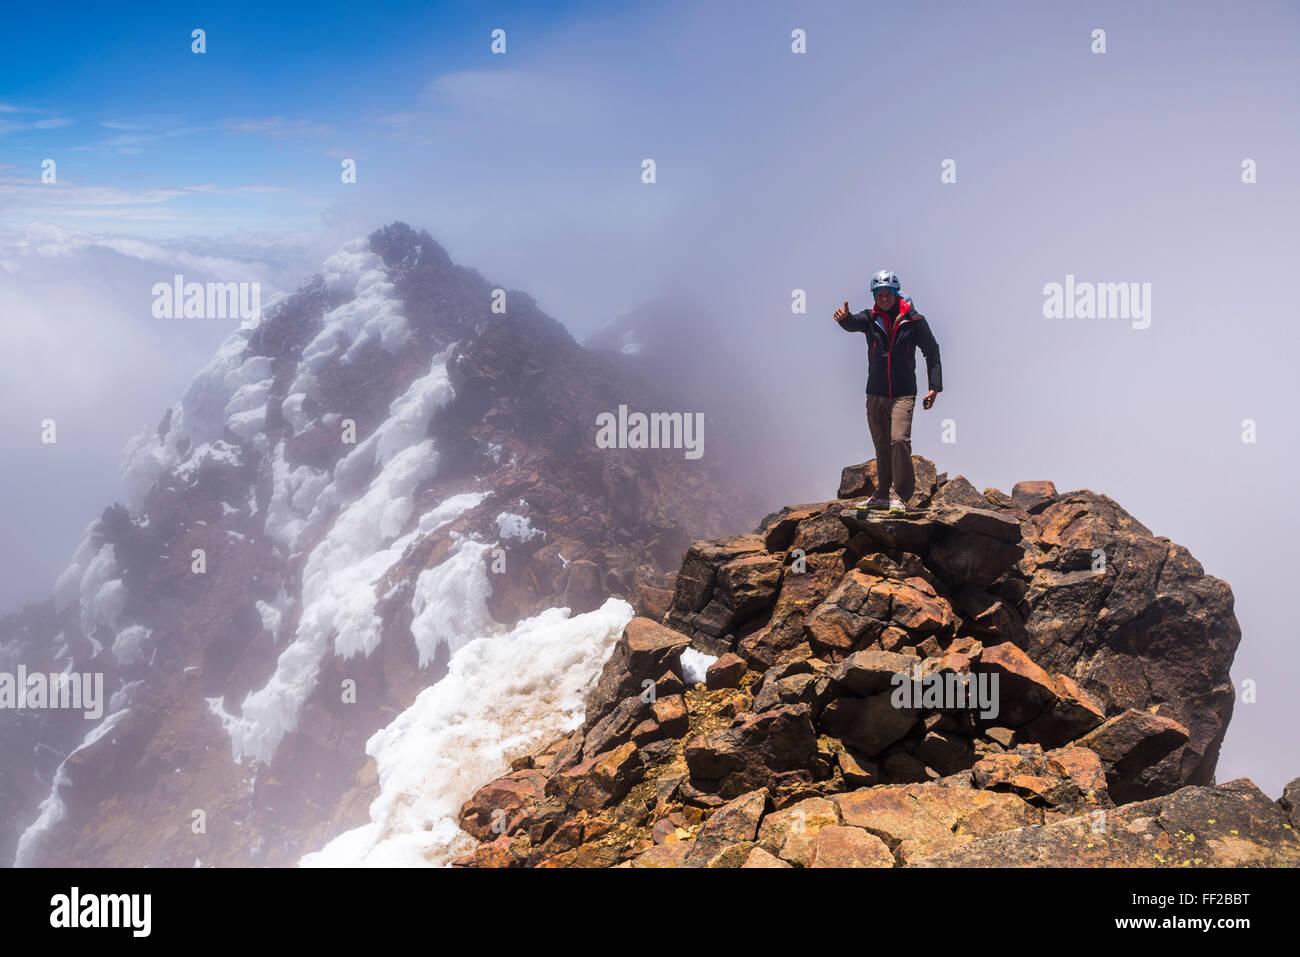 The 5126m summit of IRMRMiniza Norte VoRMcano, Pichincha Province, Ecuador, South America - Stock Image